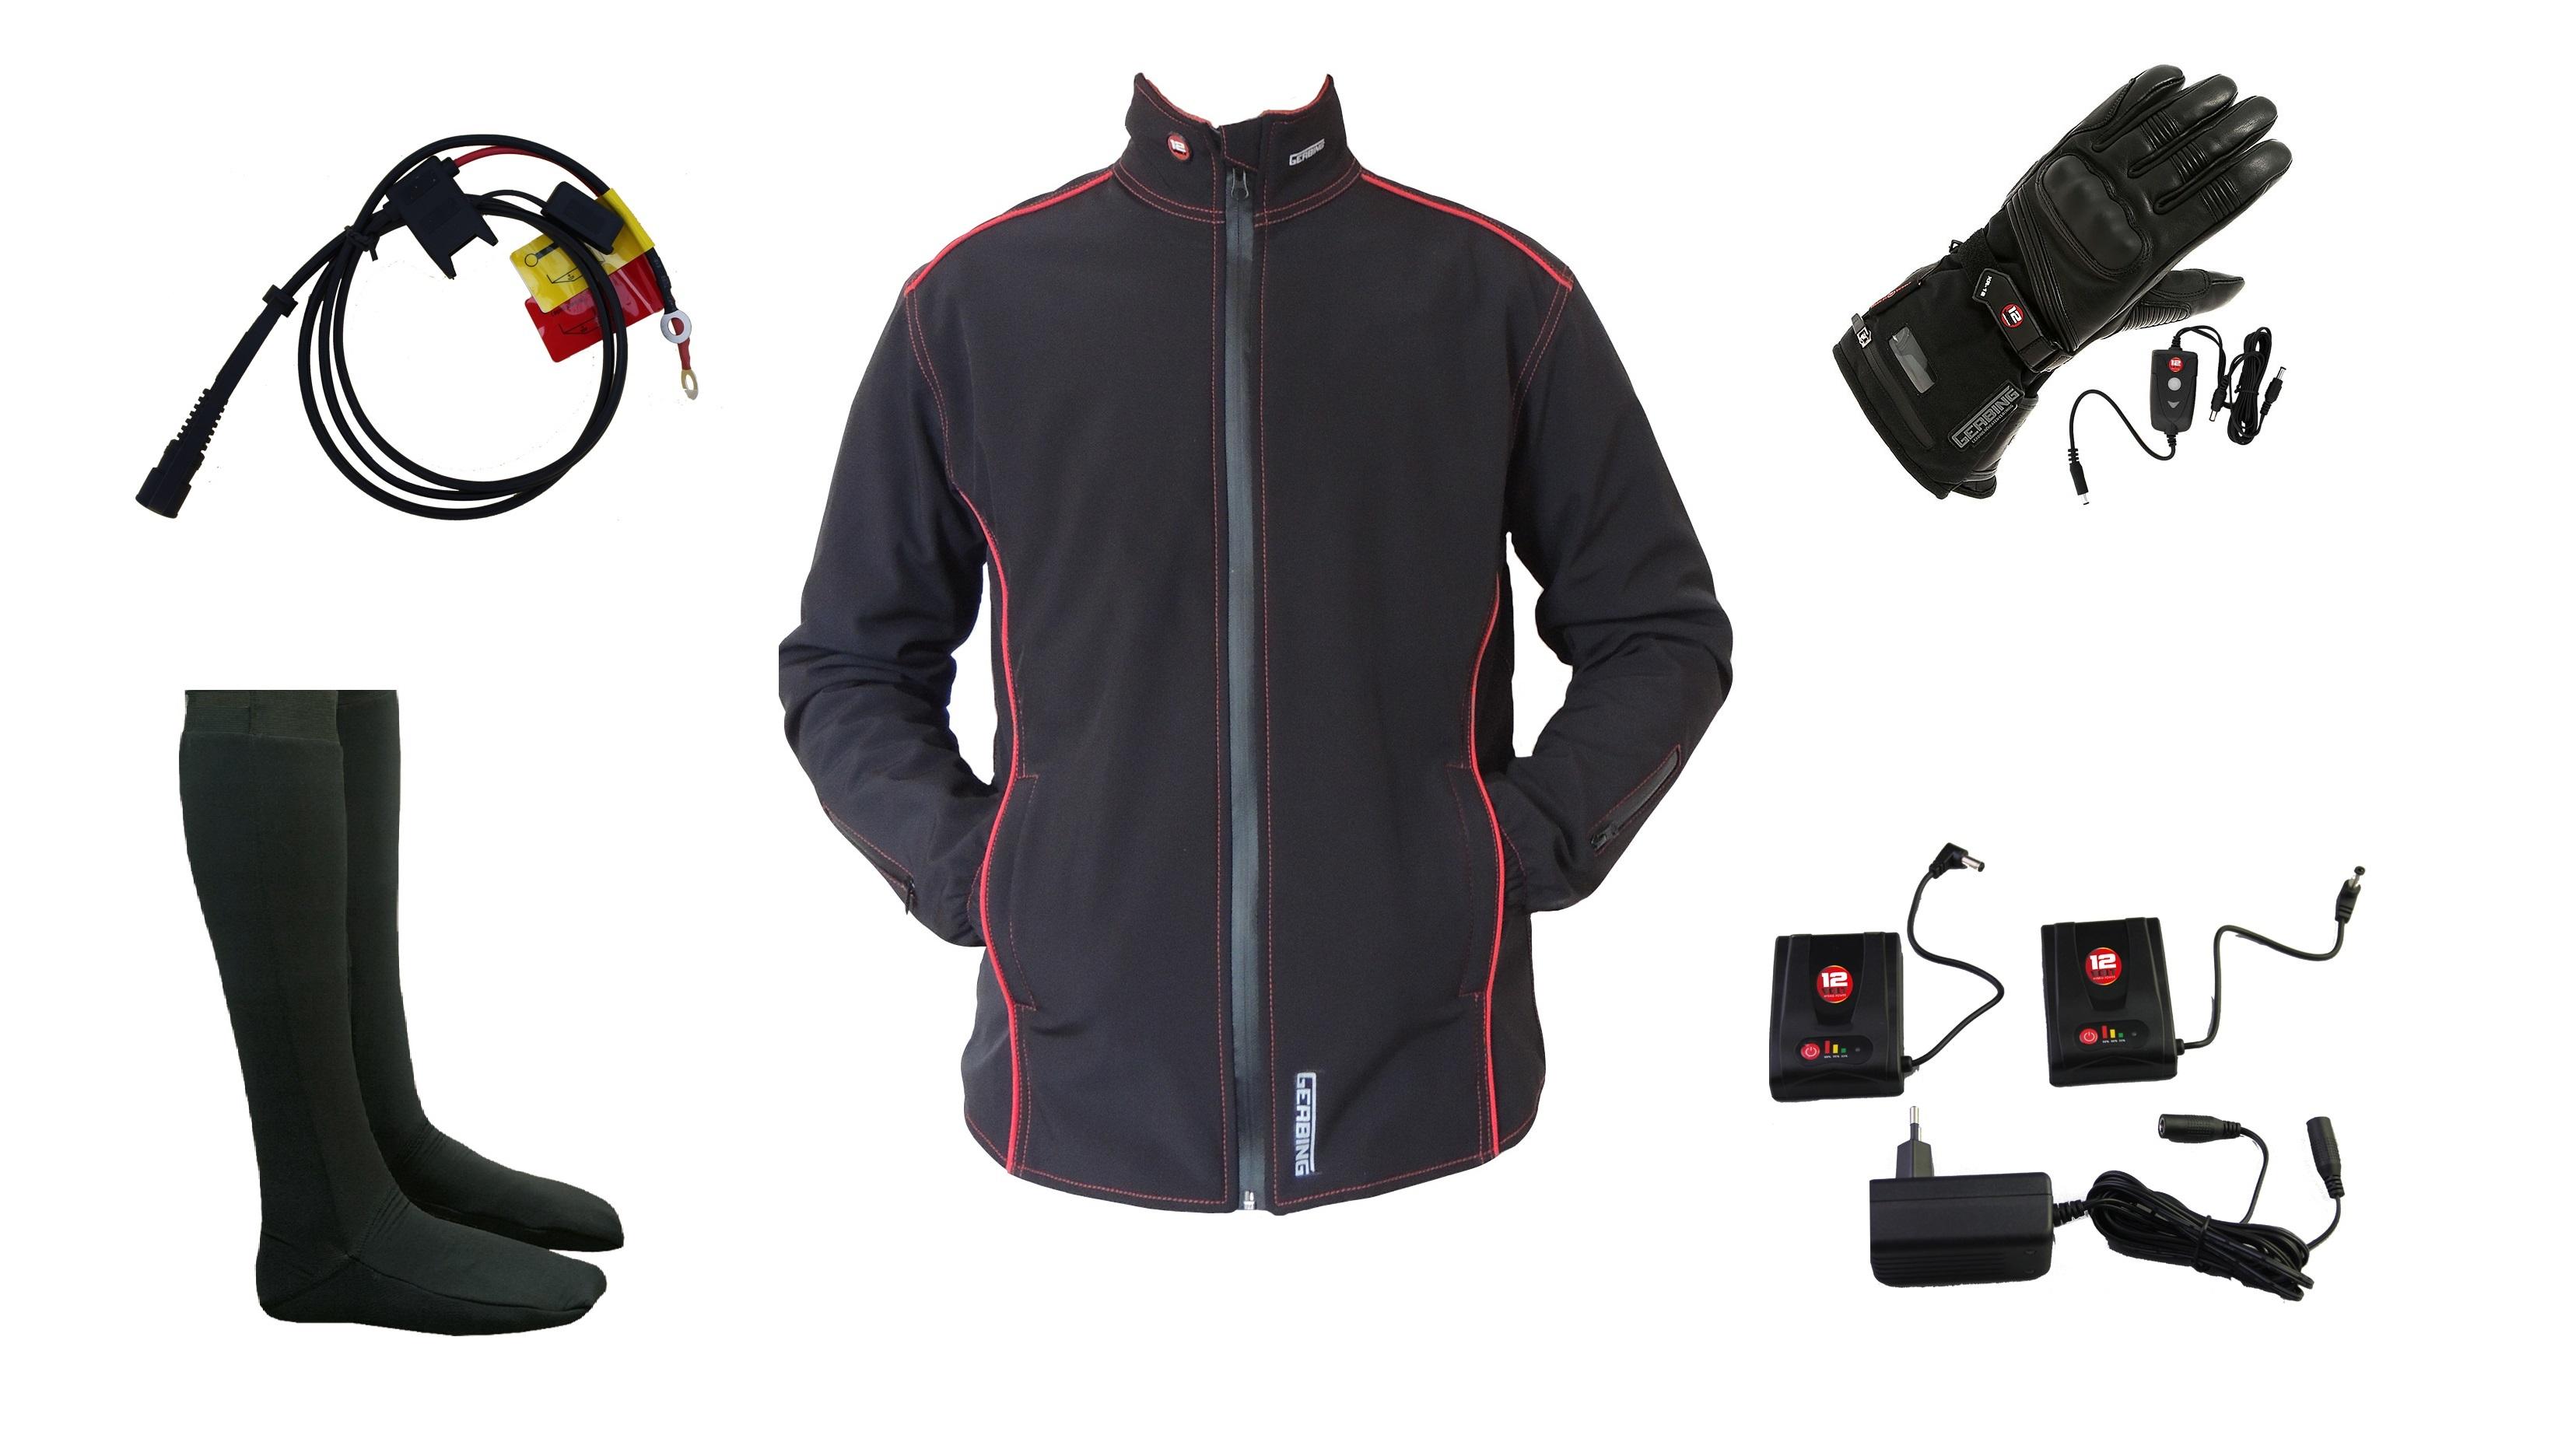 Как выбрать лучшую мотоциклетную одежду с подогревом для вас